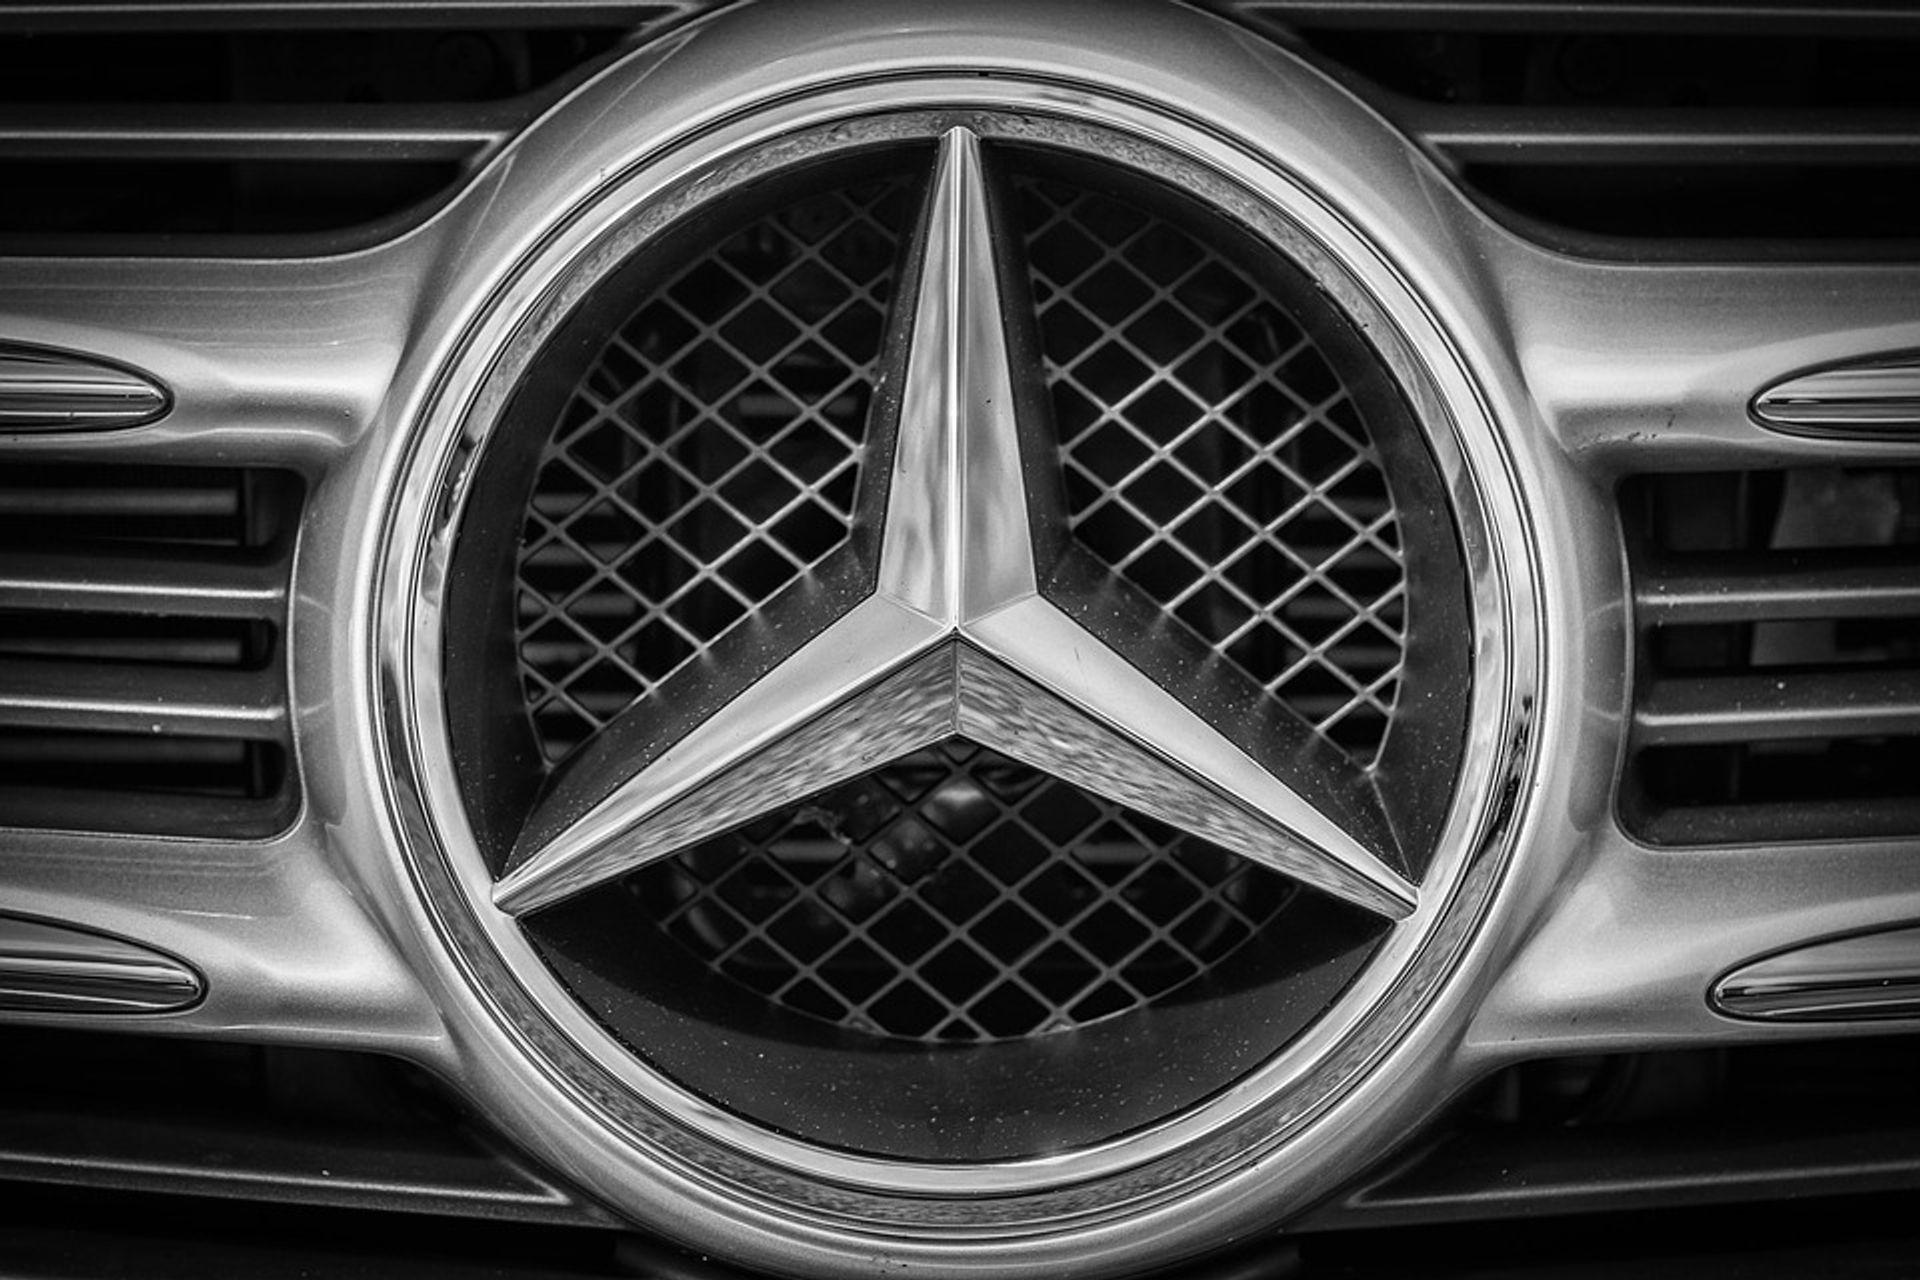 [Dolny Śląsk] Podpisanie umowy z Daimlerem (fabryka silników Mercedesa) za kilka dni?